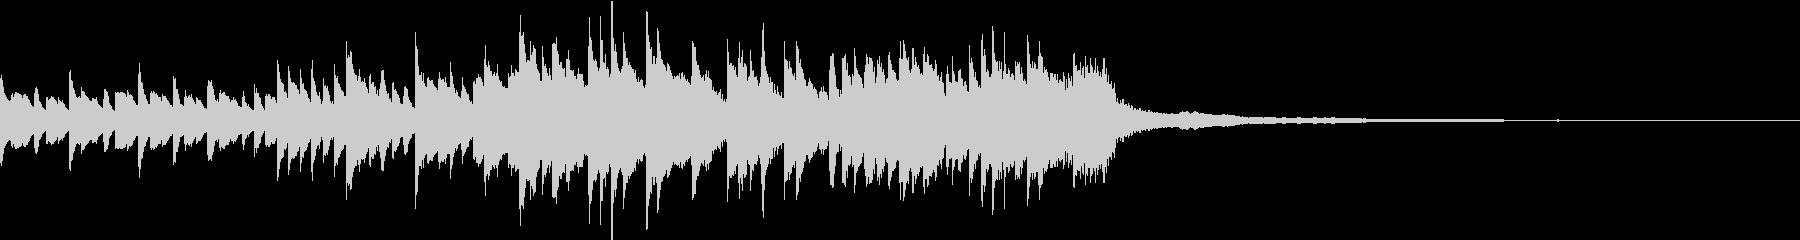 ピアノBGM30秒-幸せ、ぬくもり、感動の未再生の波形